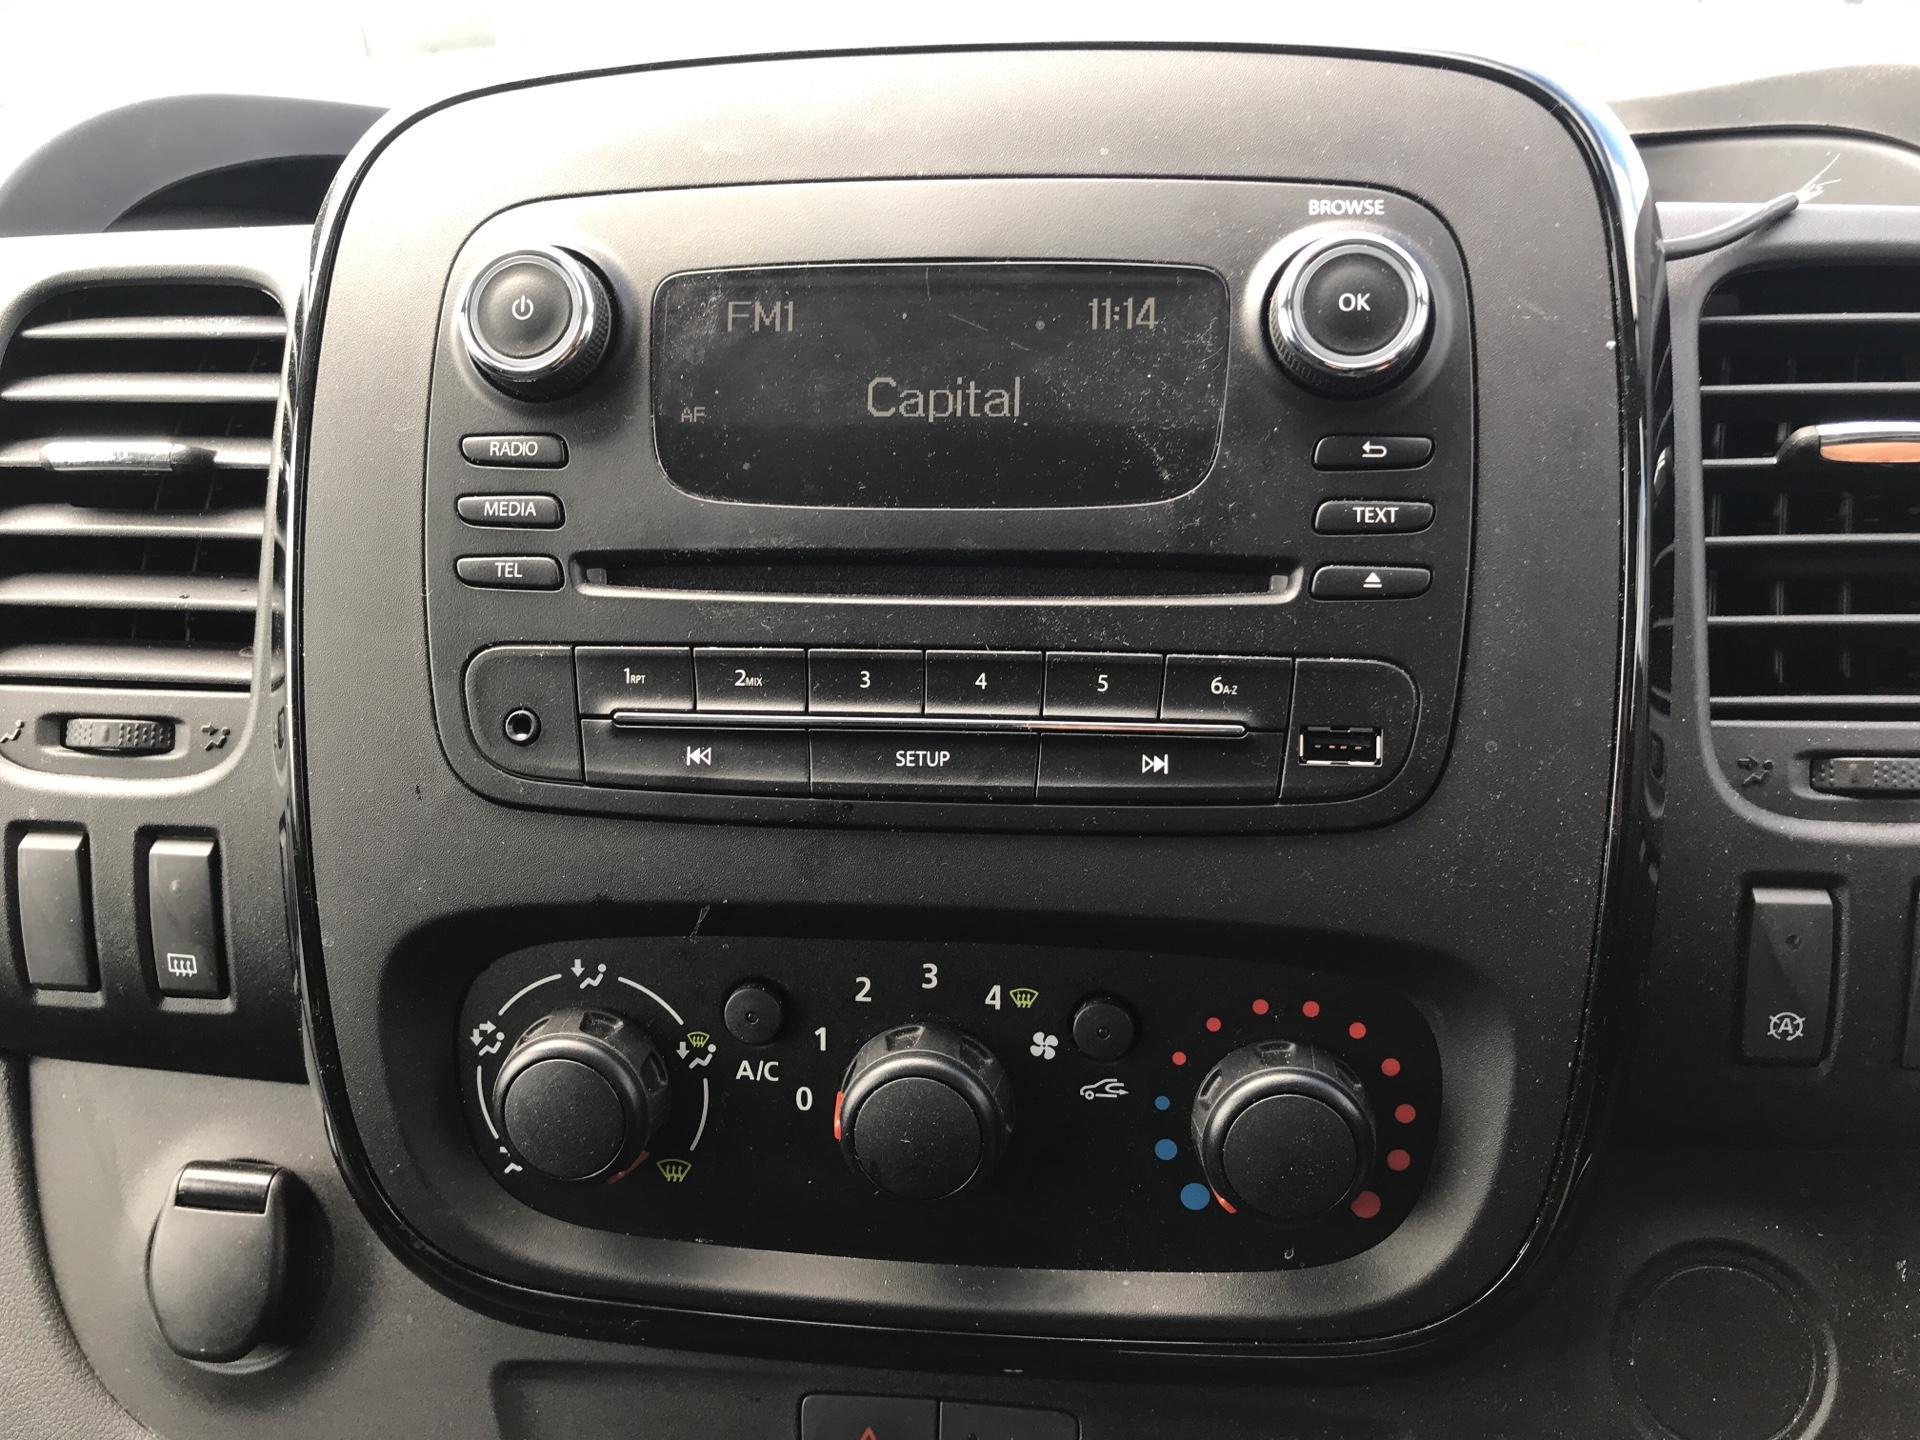 2017 Vauxhall Vivaro L2 H1 2900 1.6 115PS SPORTIVE BITURBO  EURO 5 (YS17GKK) Image 10